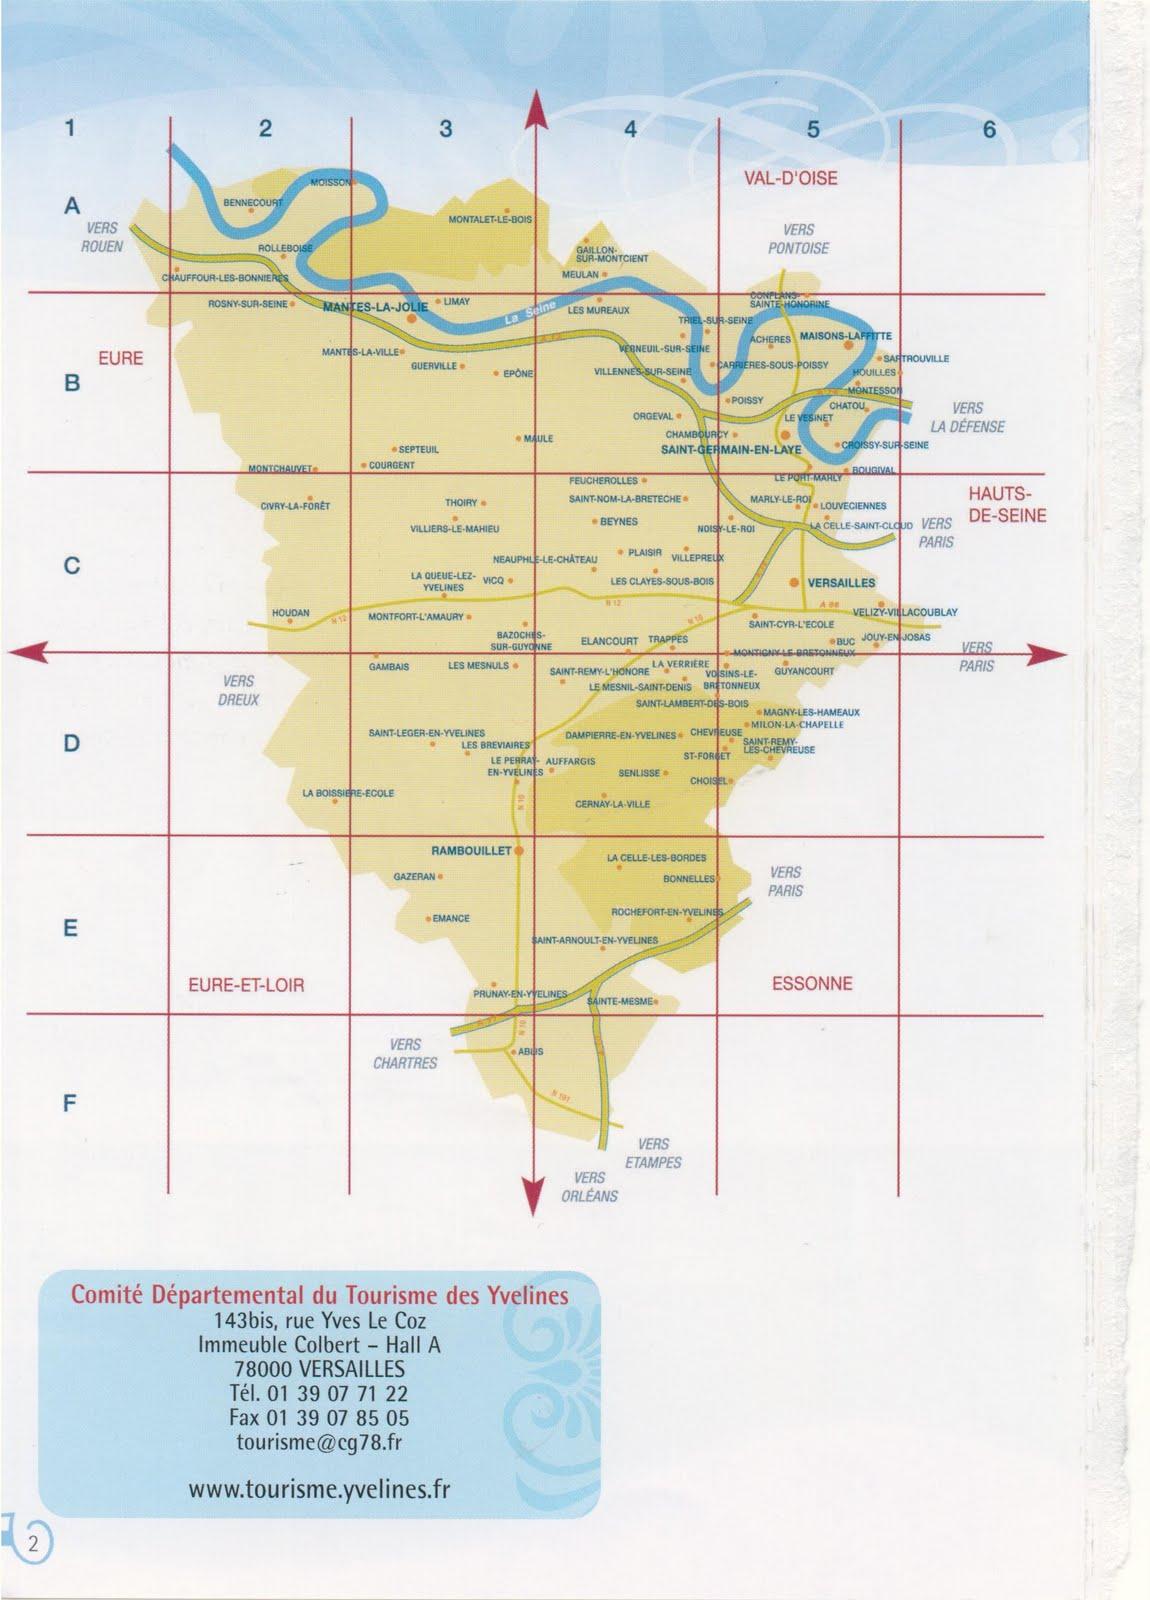 Mes idees de sorties sympa carte touristique des yvelines for Lieux touristiques yvelines